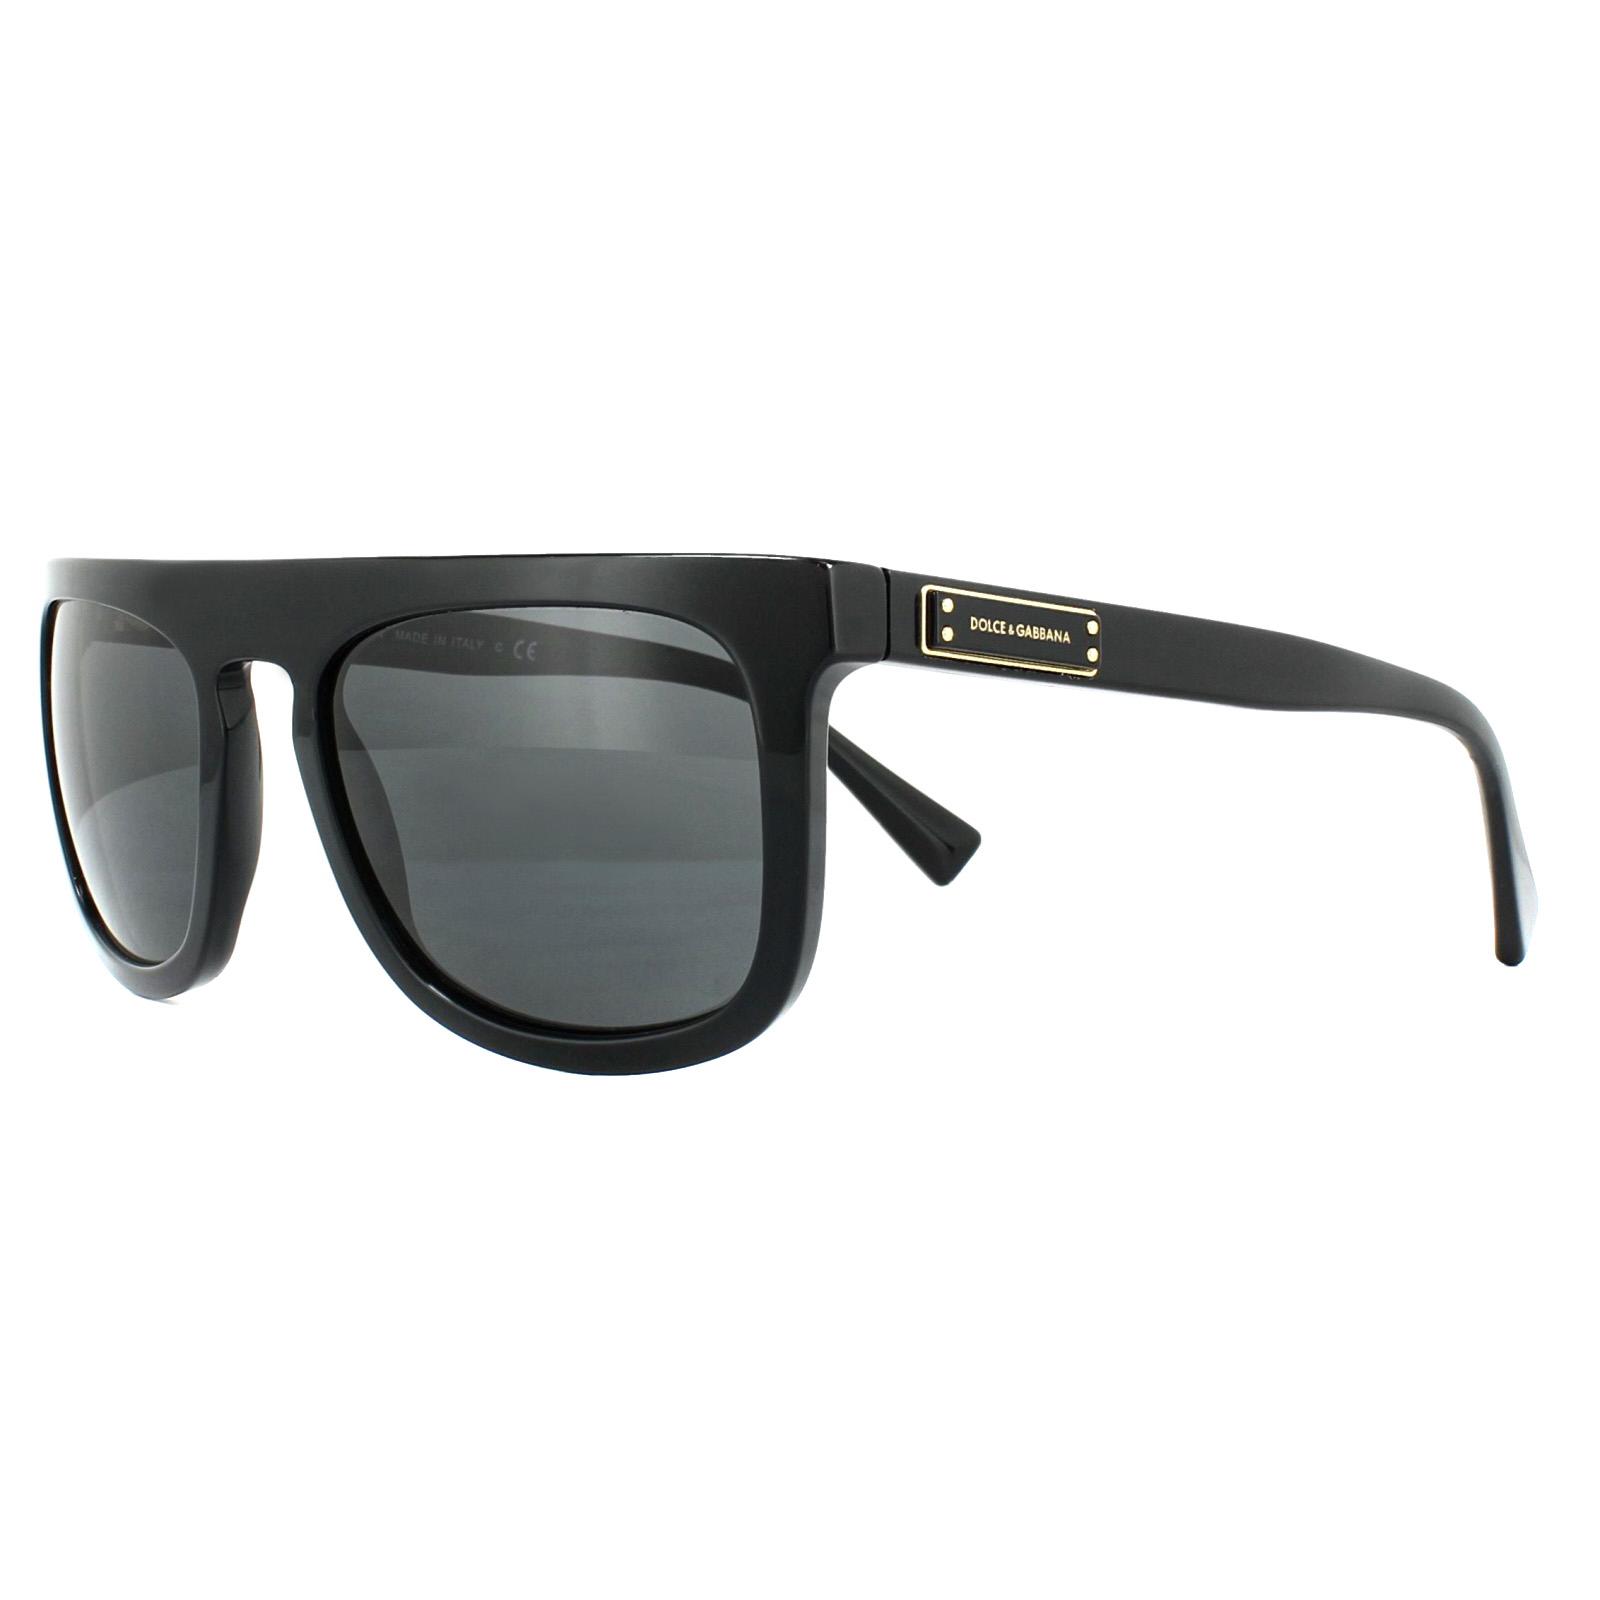 2f890a536f06 Cheap Dolce   Gabbana 4288 Sunglasses - Discounted Sunglasses